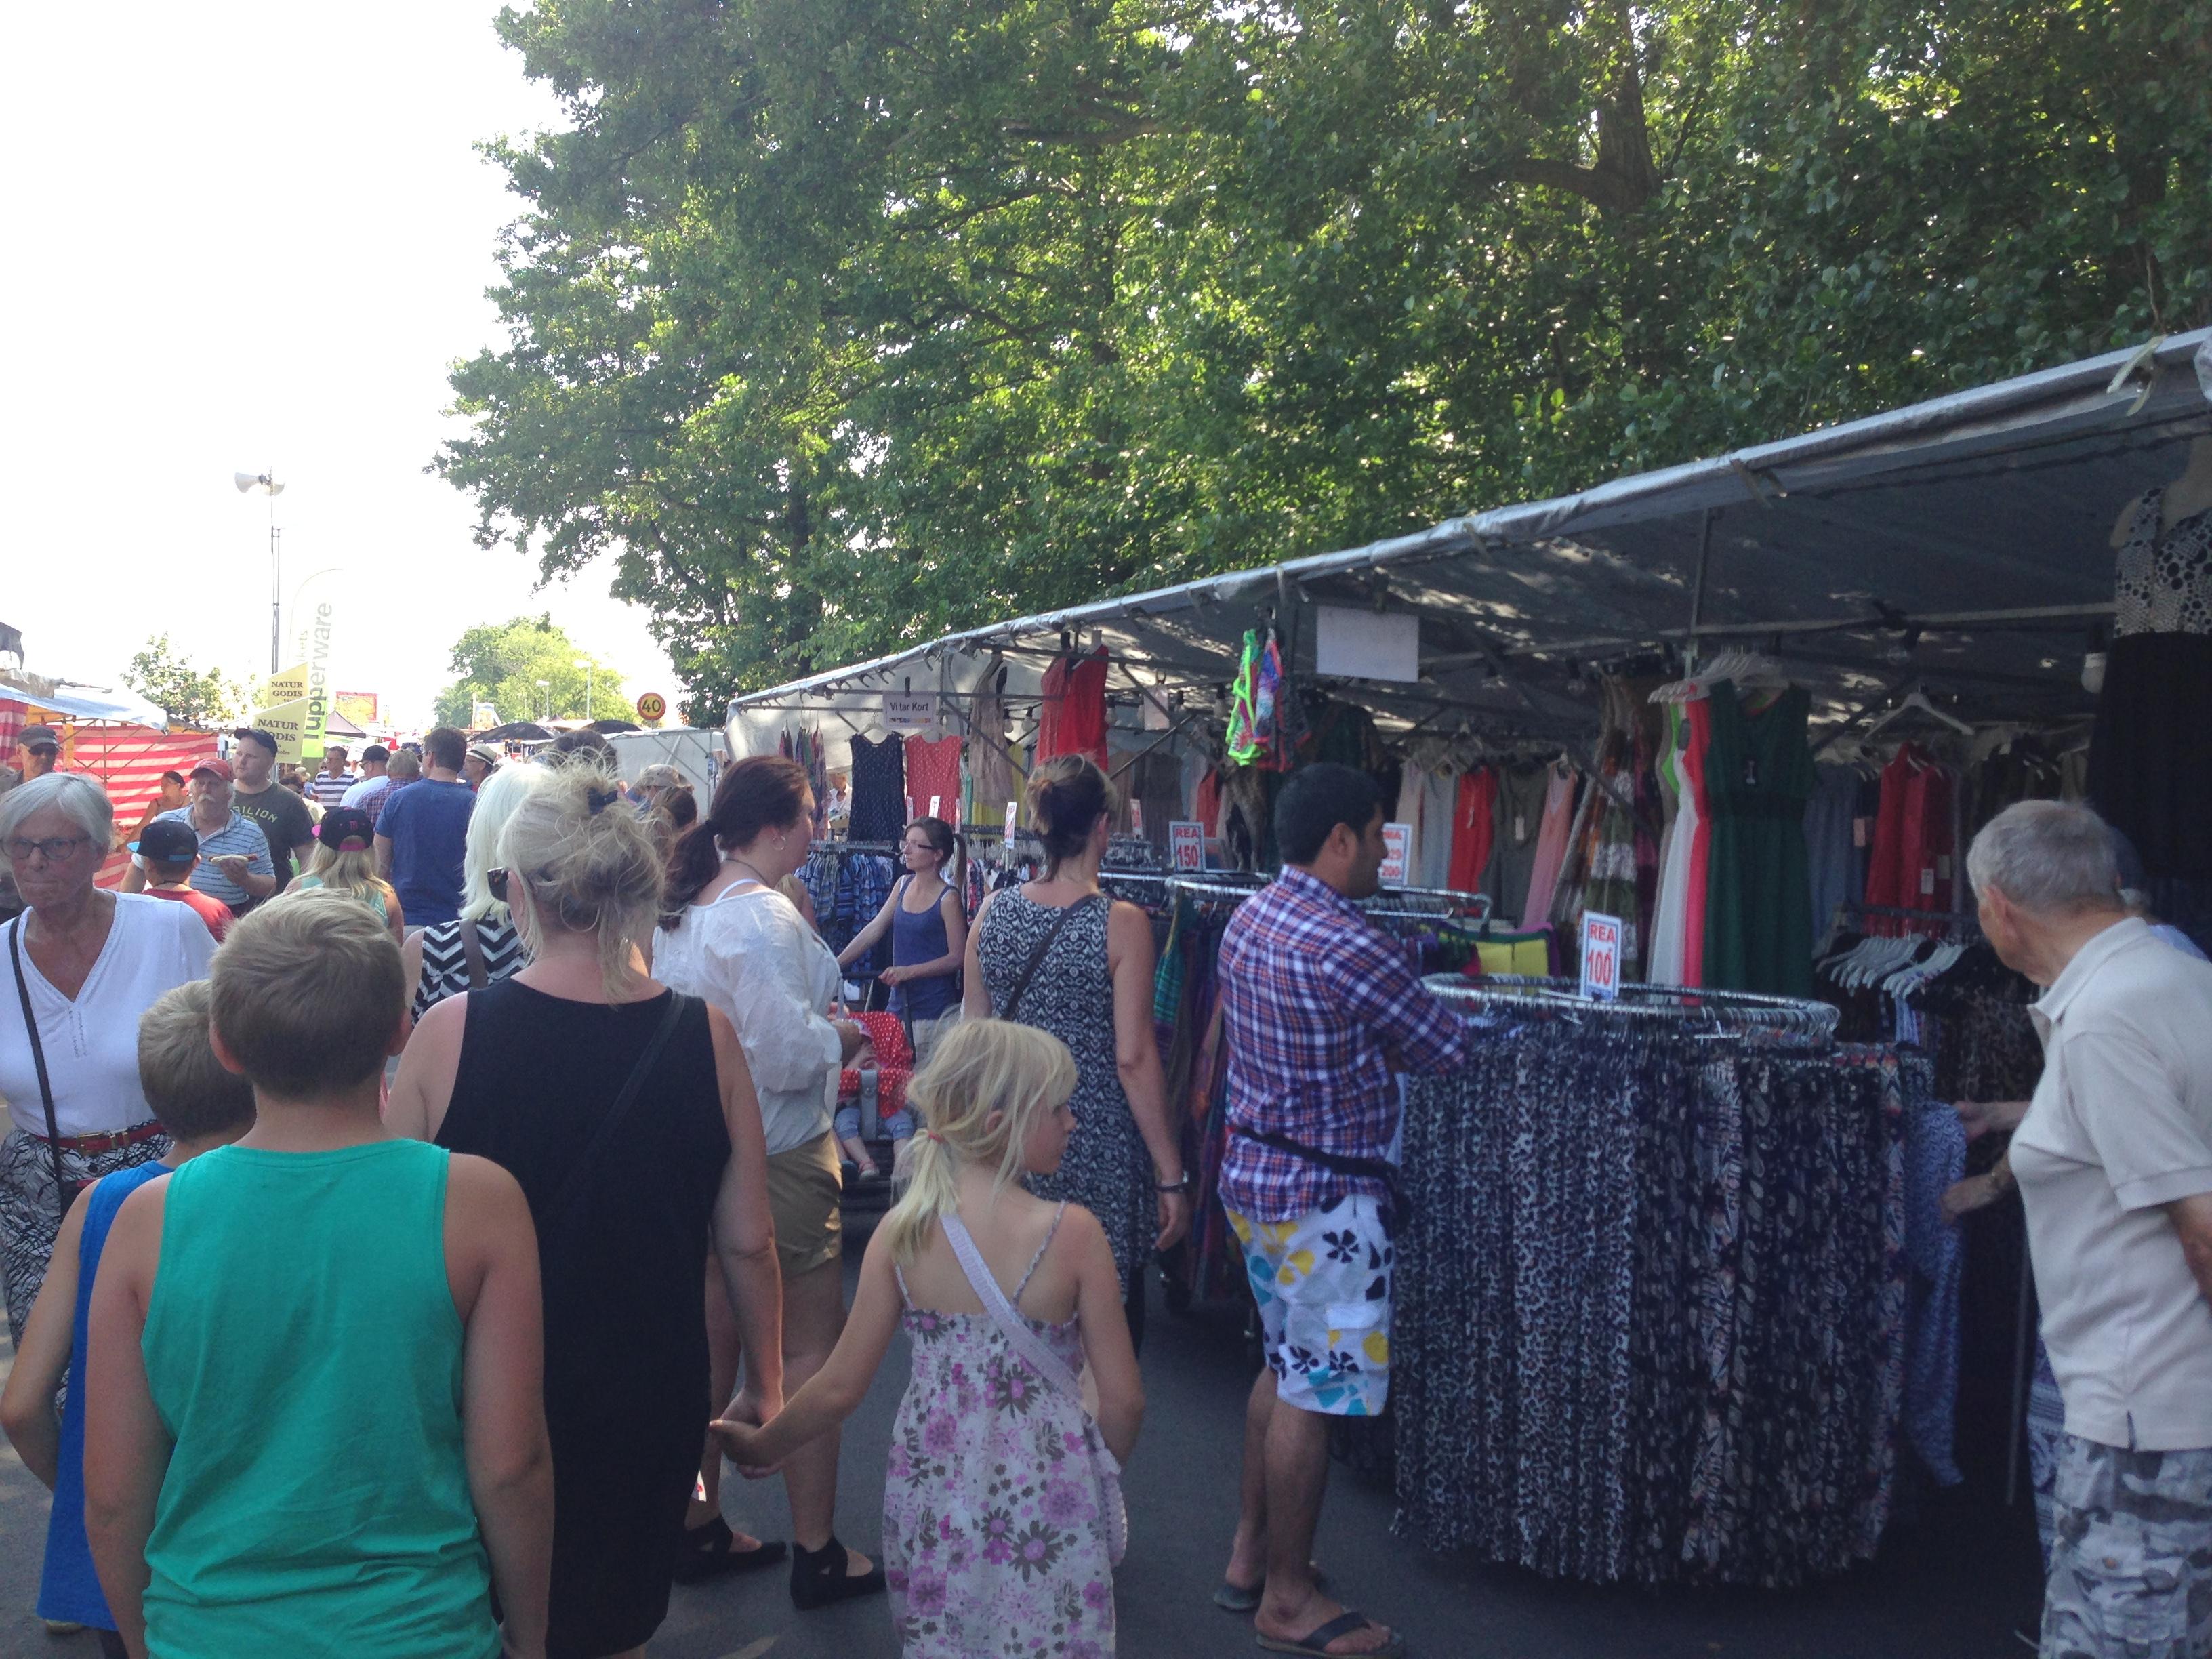 jonstorps marknad